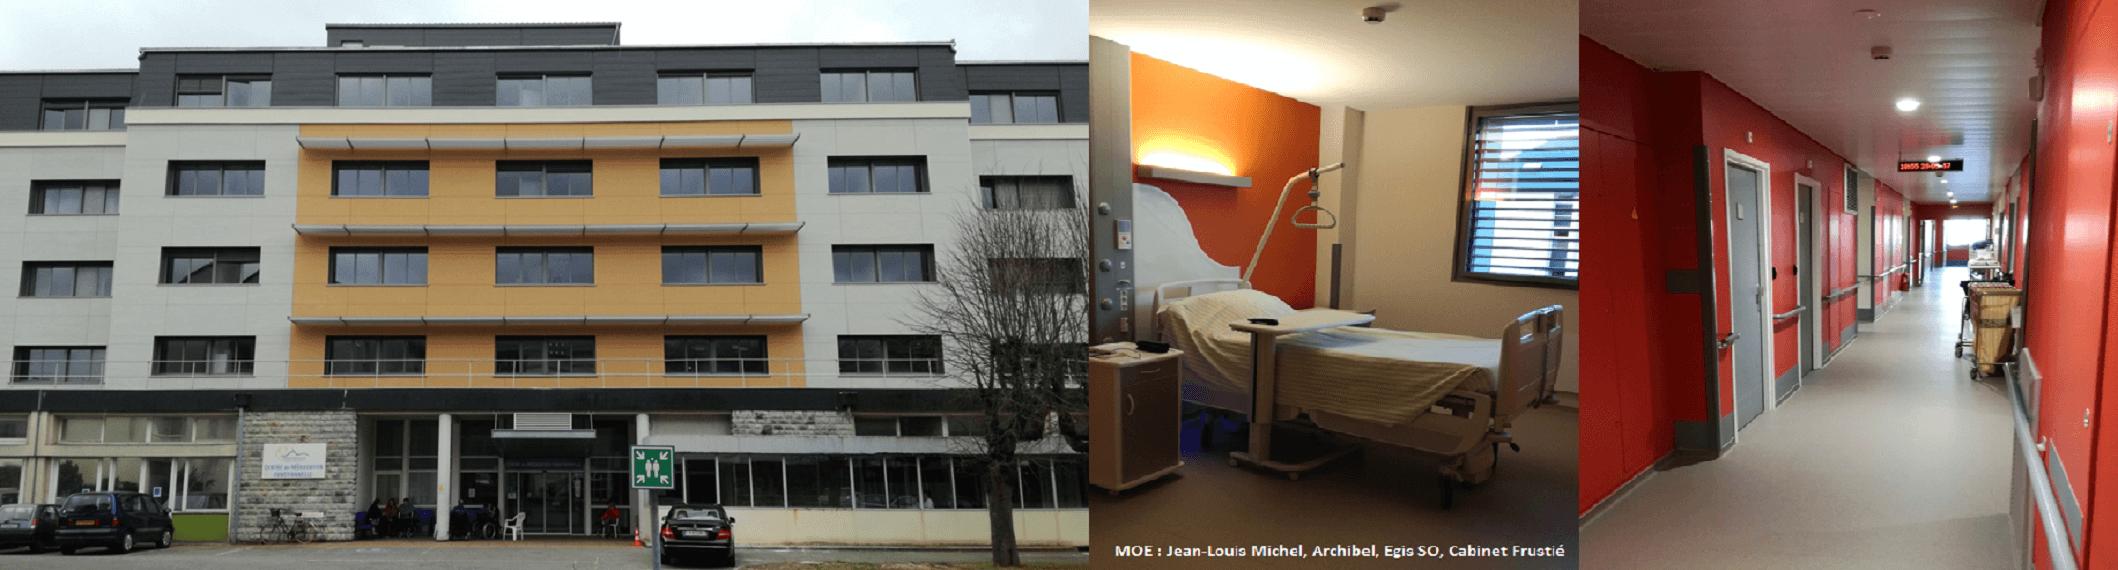 Centre hospitalier Bagnères de Bigorre